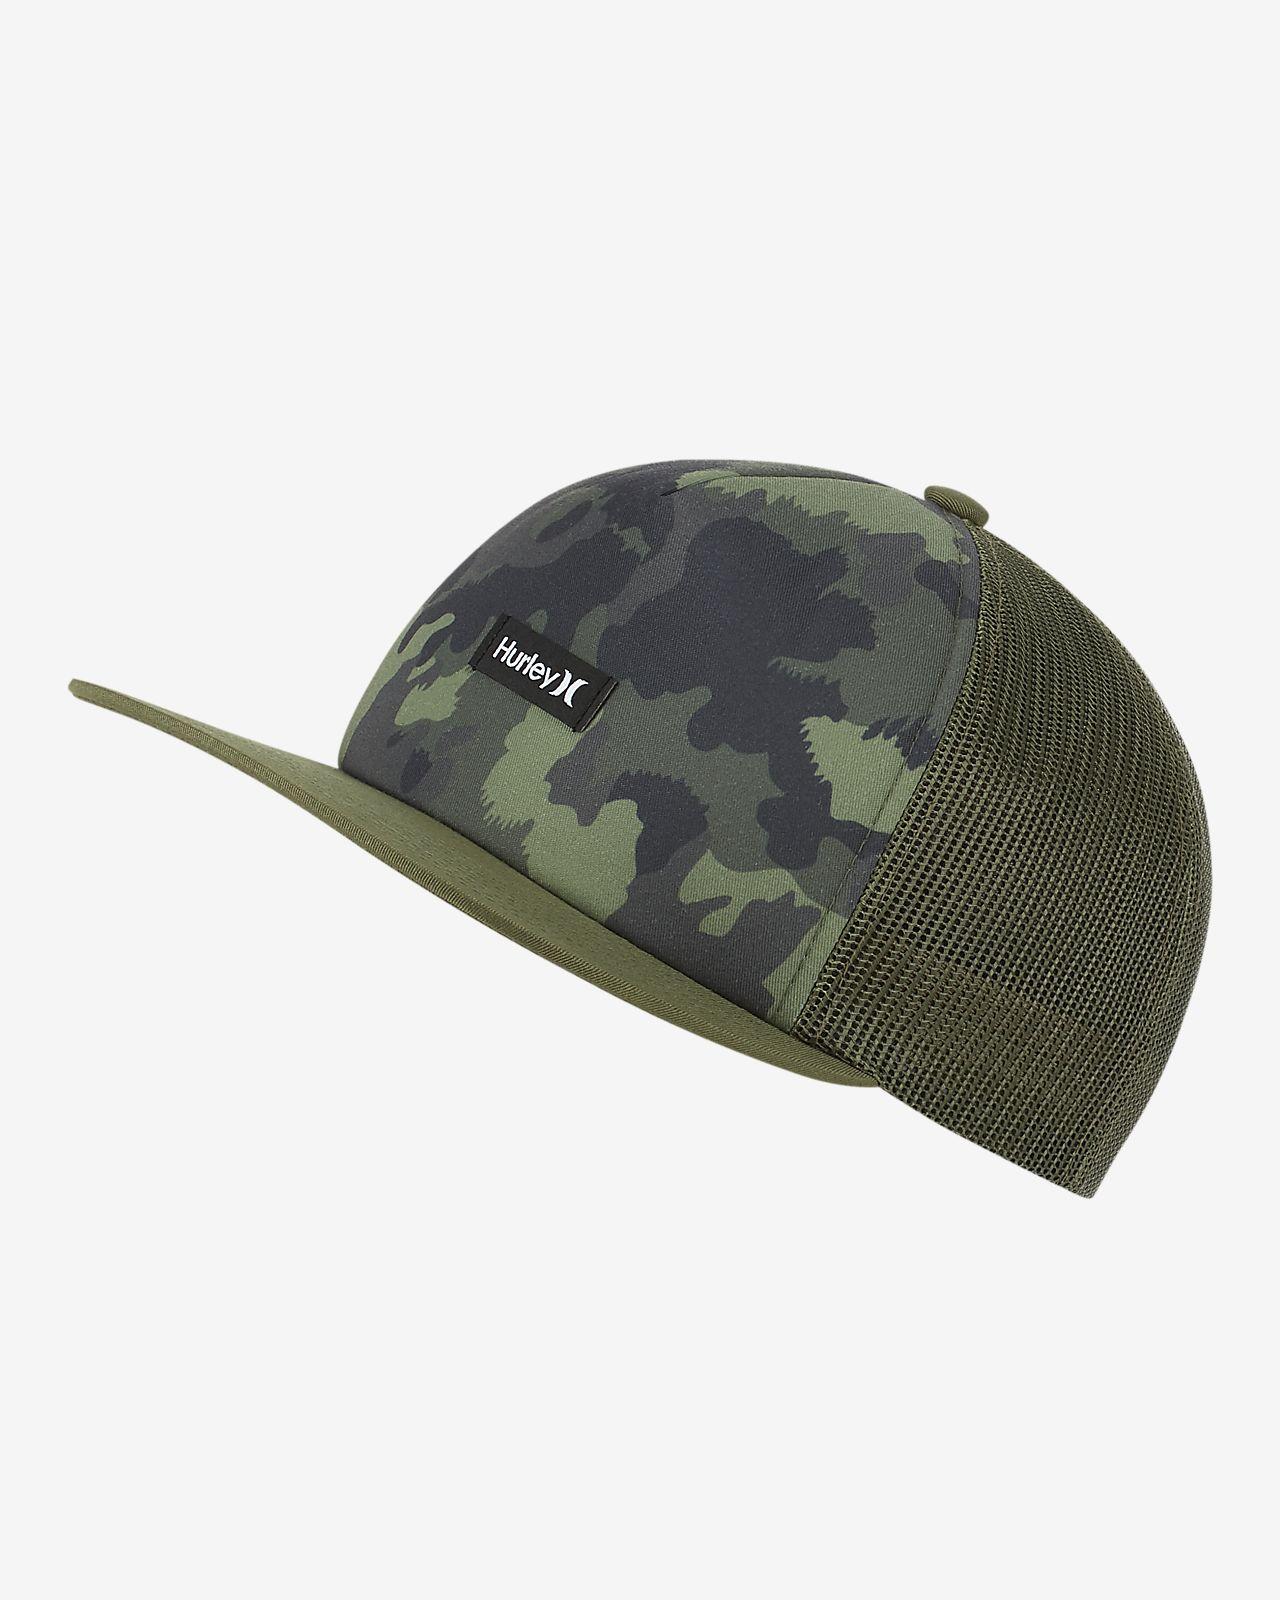 Hurley Mixtape Men's Hat